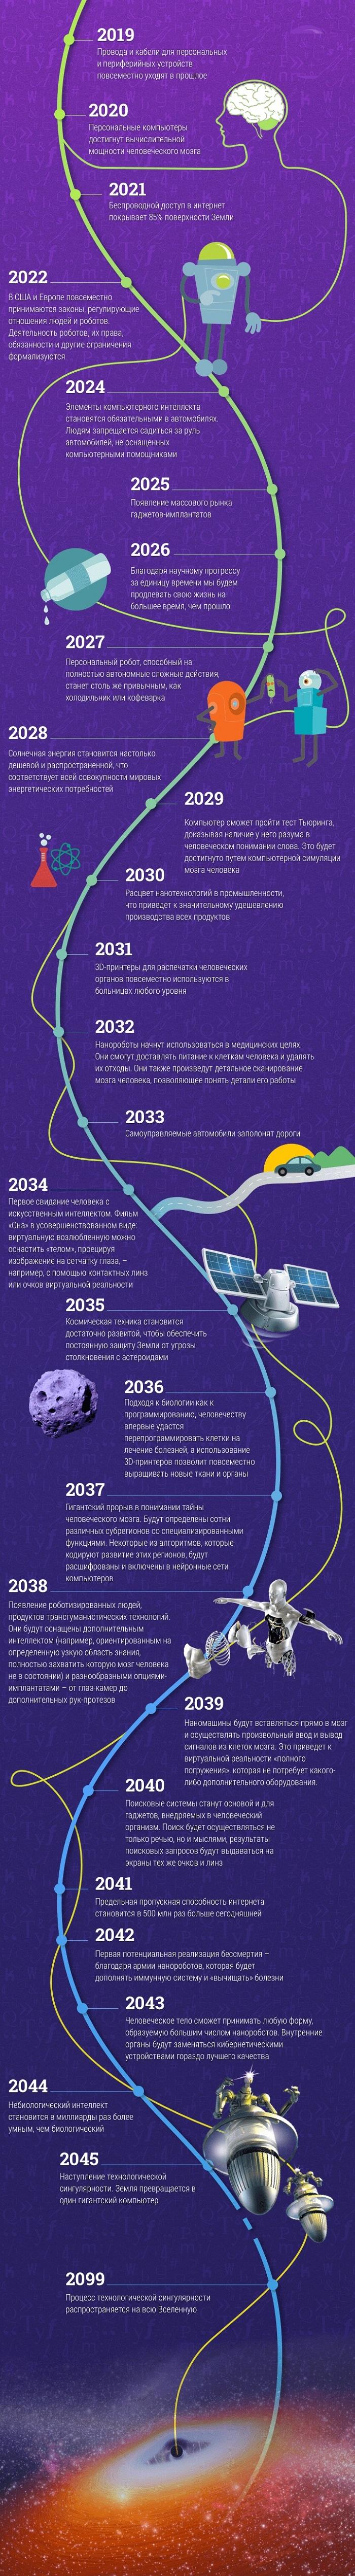 Прогноз: Как будет развиваться человечество и технологии до 2099 года - картинки, знания